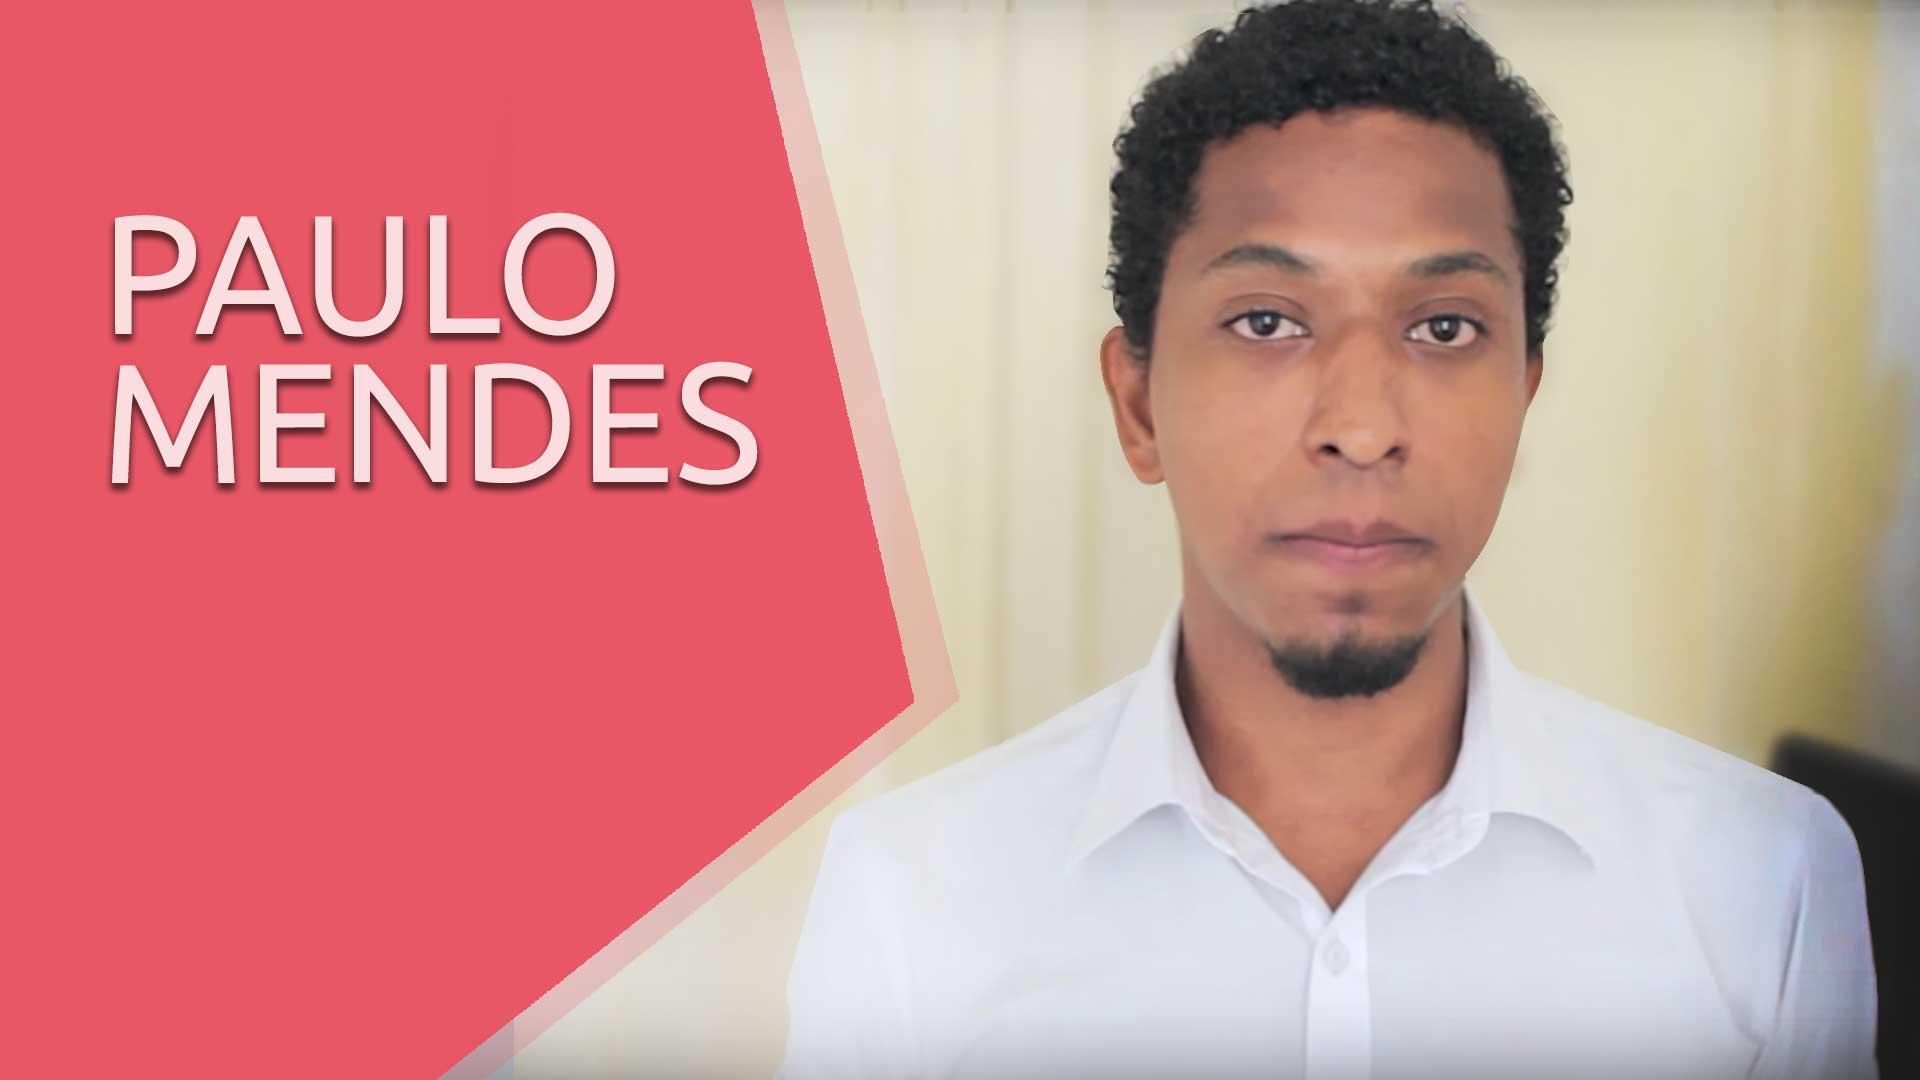 Confira o que Paulo Mendes tem a dizer sobre a Upinside - Depoimento